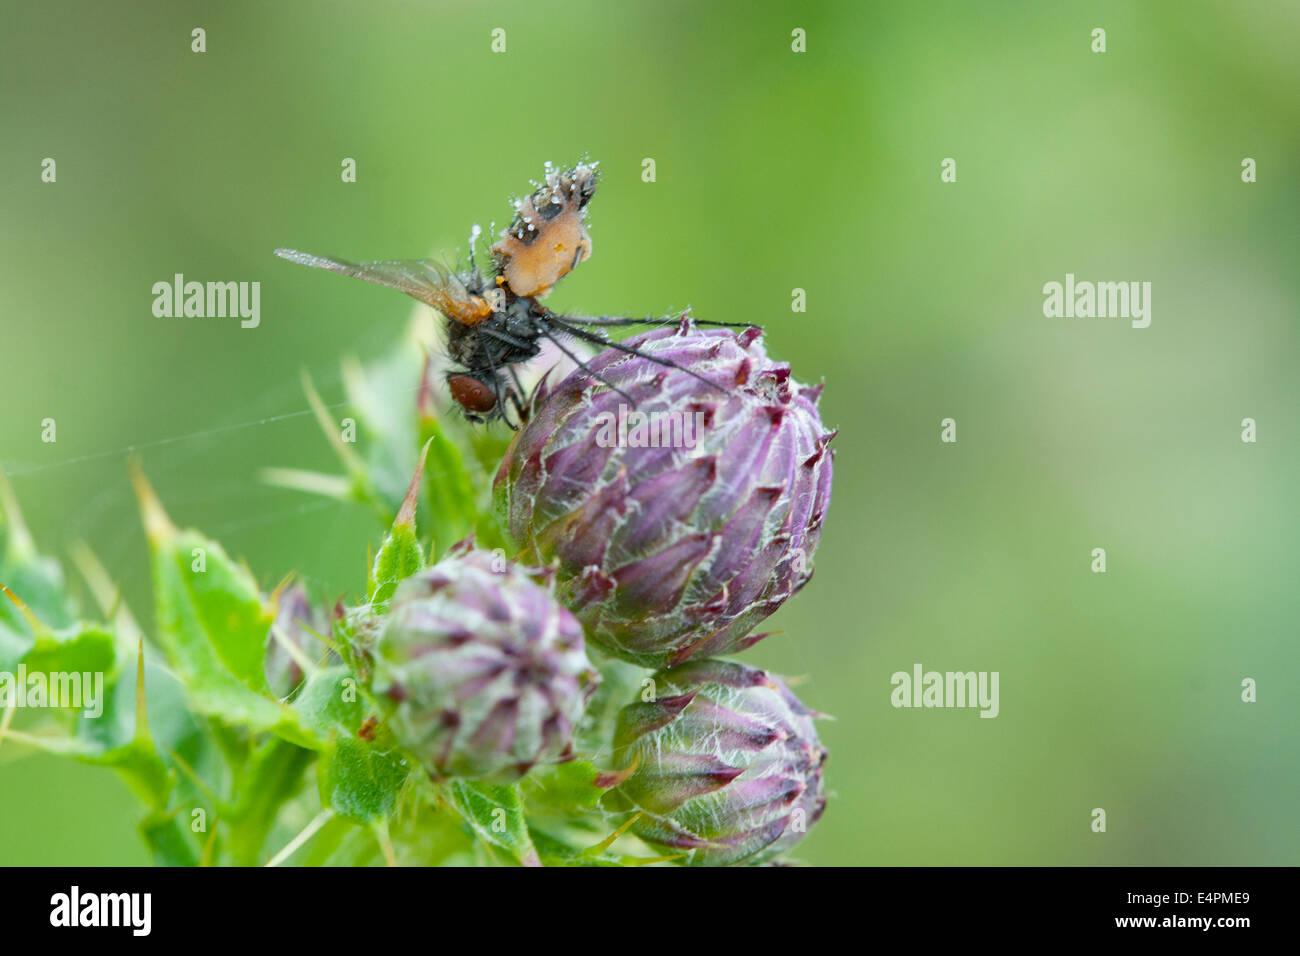 Fliege auf einer Distel - Stock Image